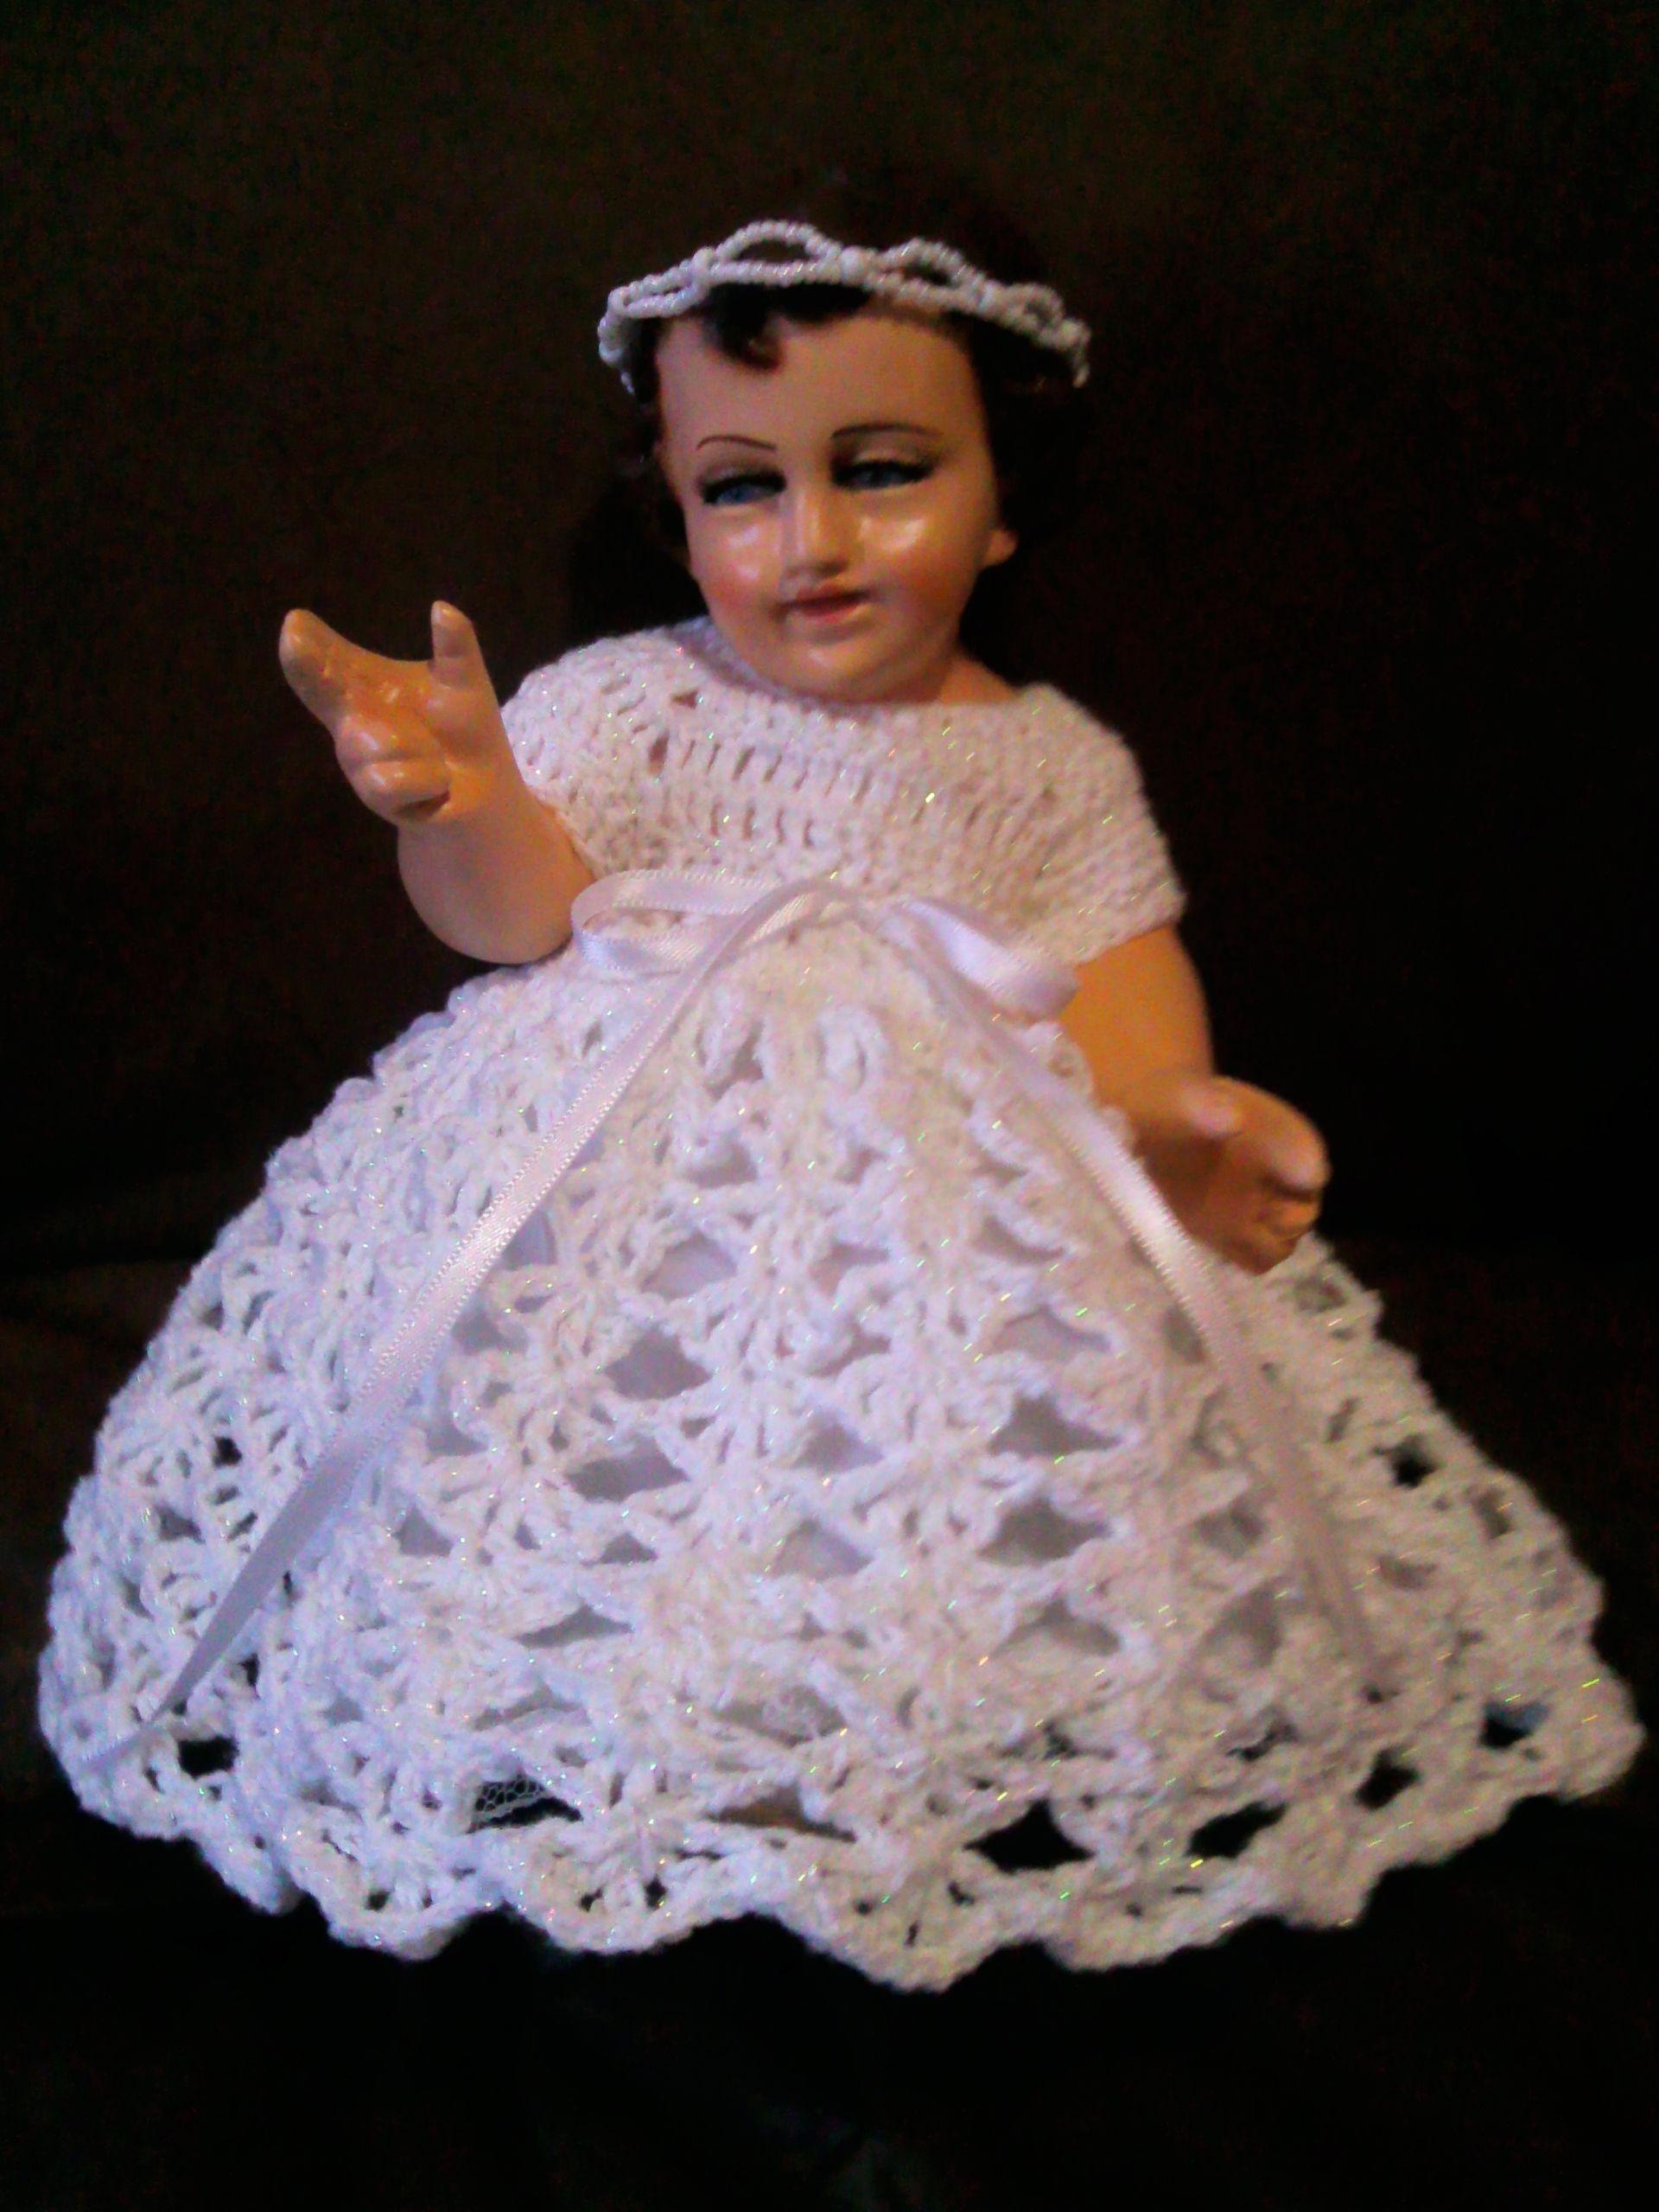 Crochet Vestido Niño Dios Niño Dios Vestido Patrones